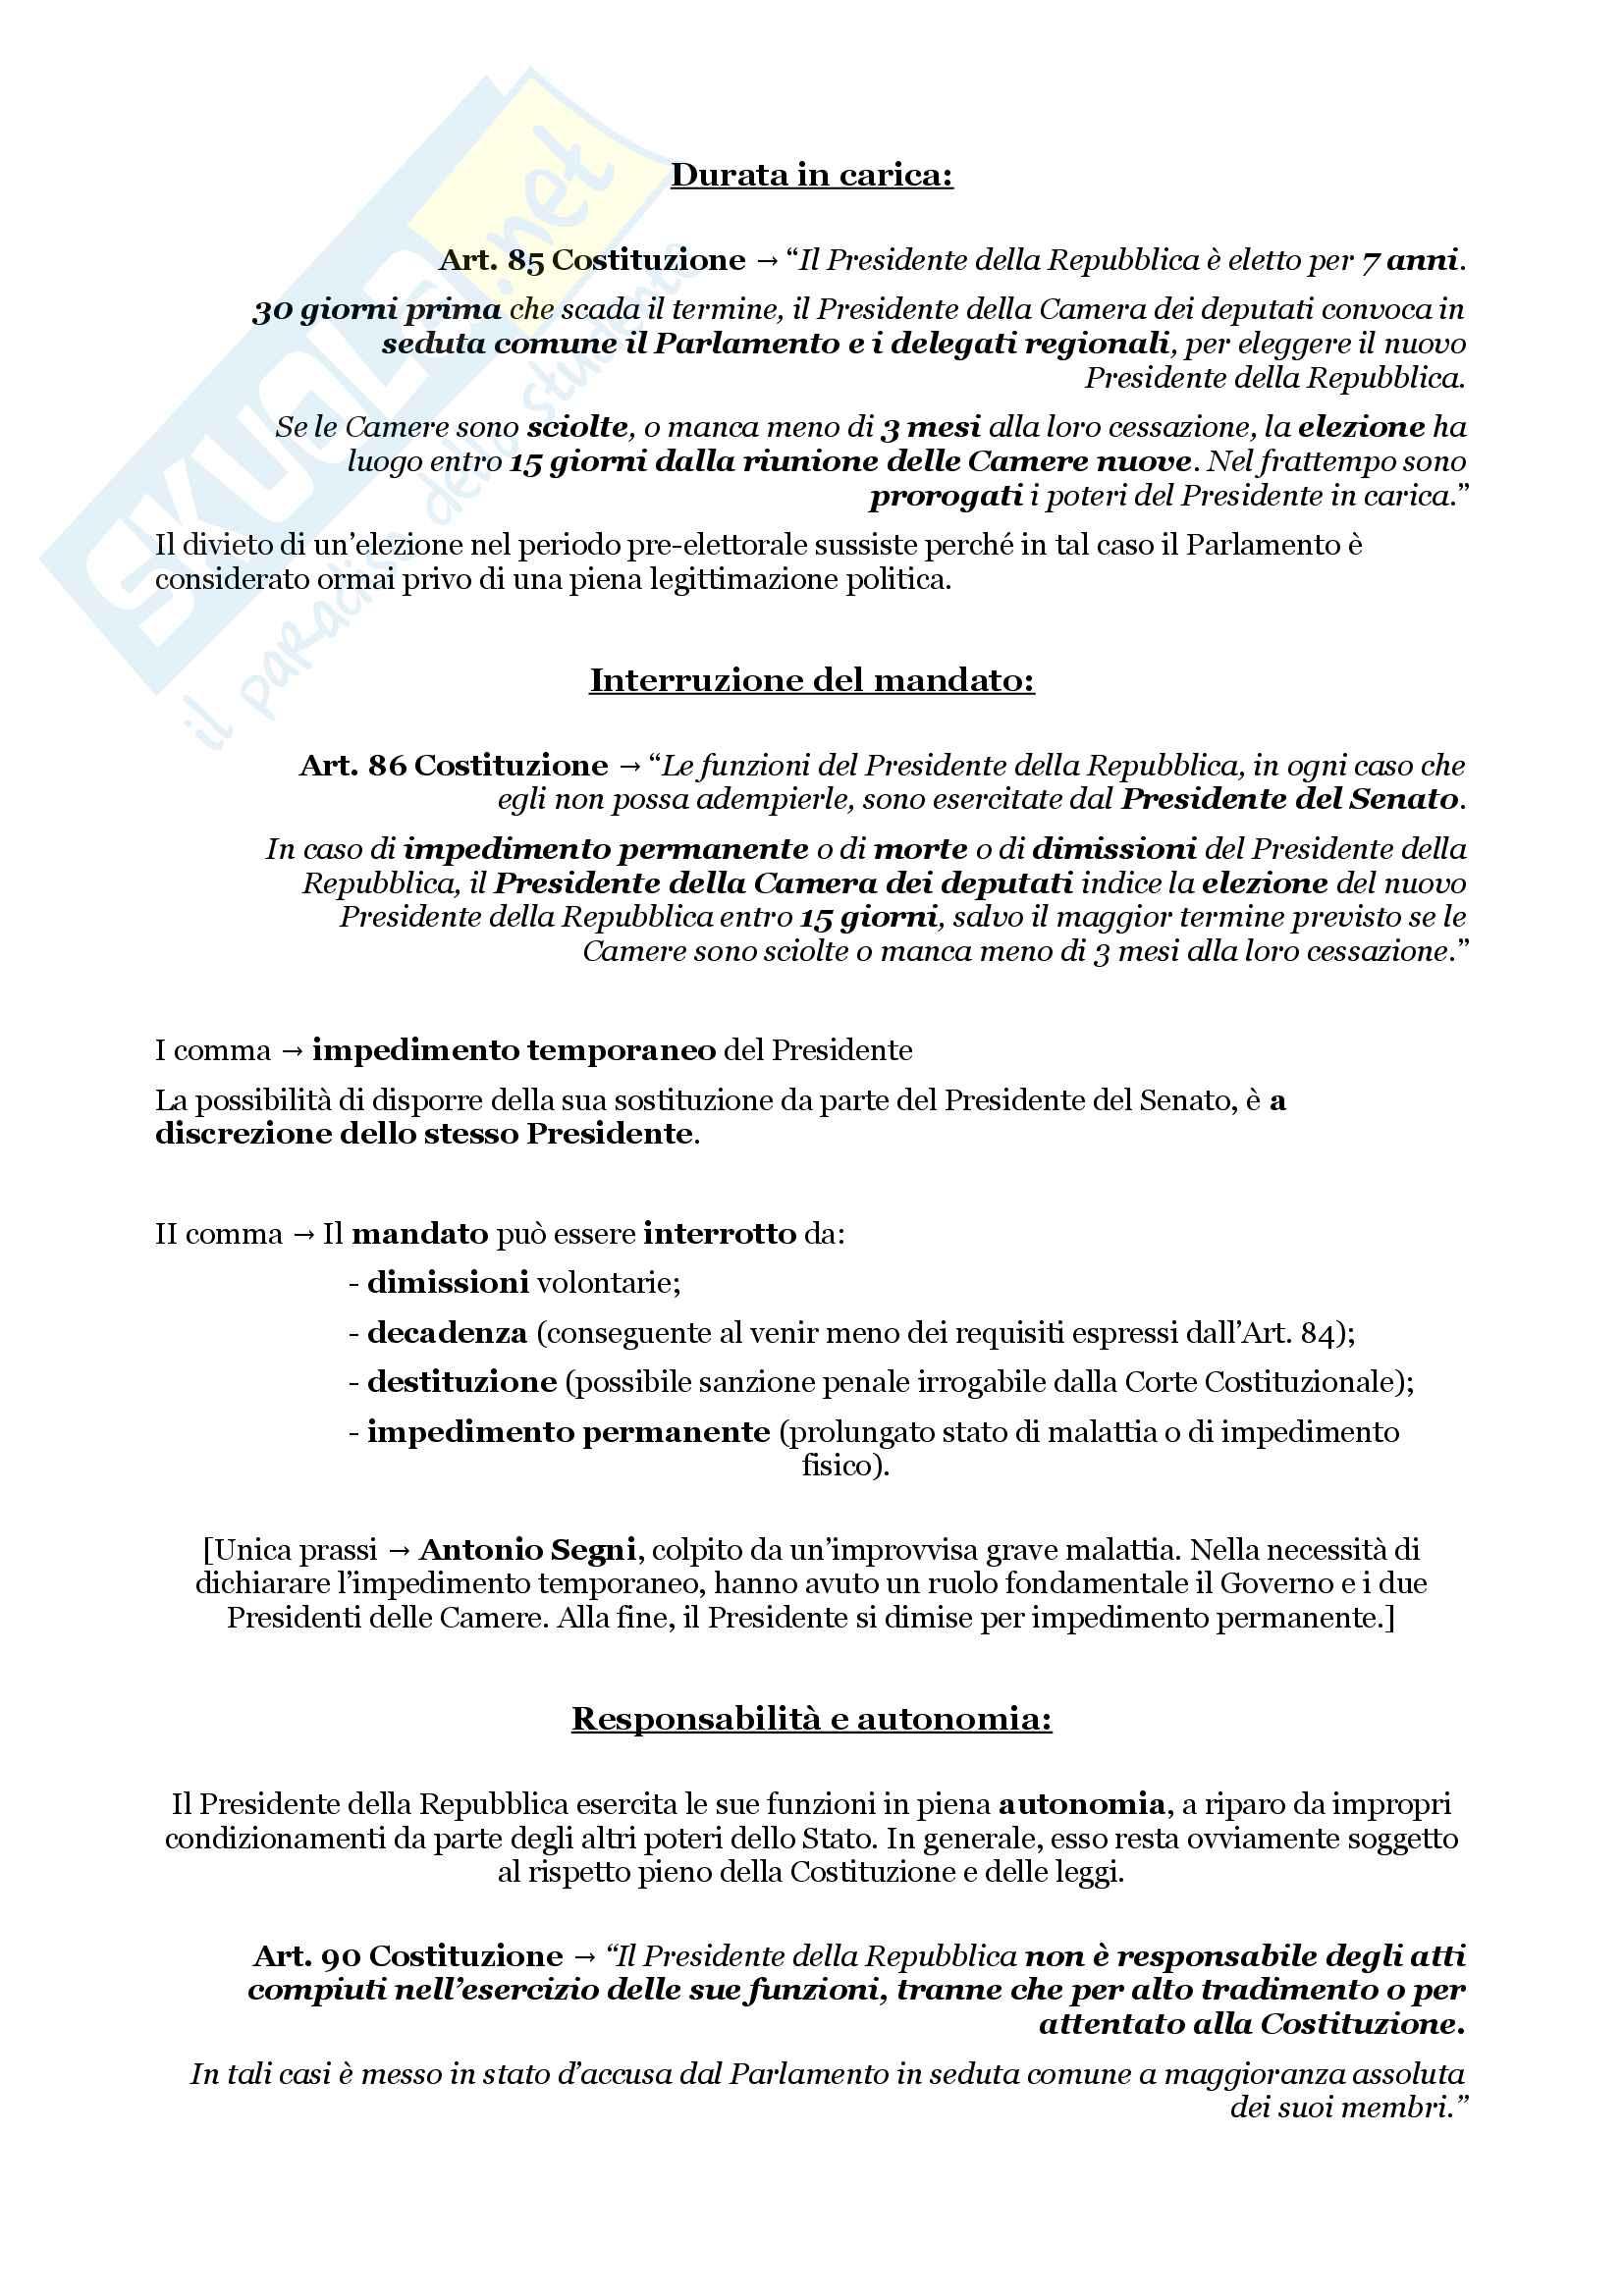 Schemi riassuntivi di istituzioni di diritto pubblico (libro di riferimento: Diritto costituzionale e pubblico, Carretti, De Siervo) Pag. 26